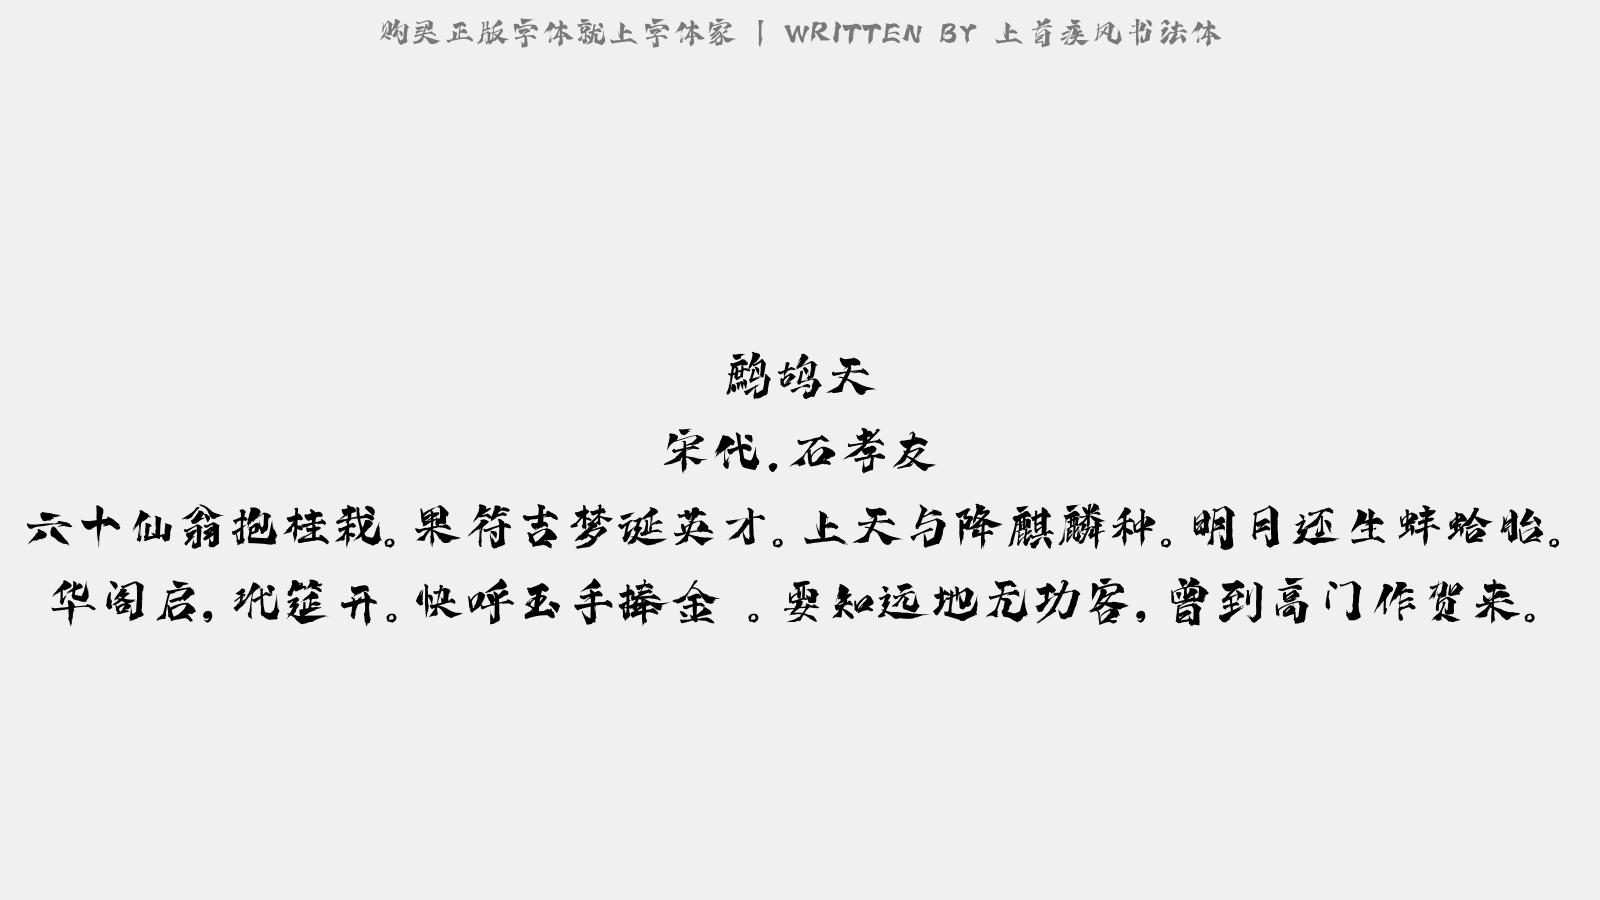 上首疾風書法體 - 一翦梅(賦處靜以梅花枝見贈)